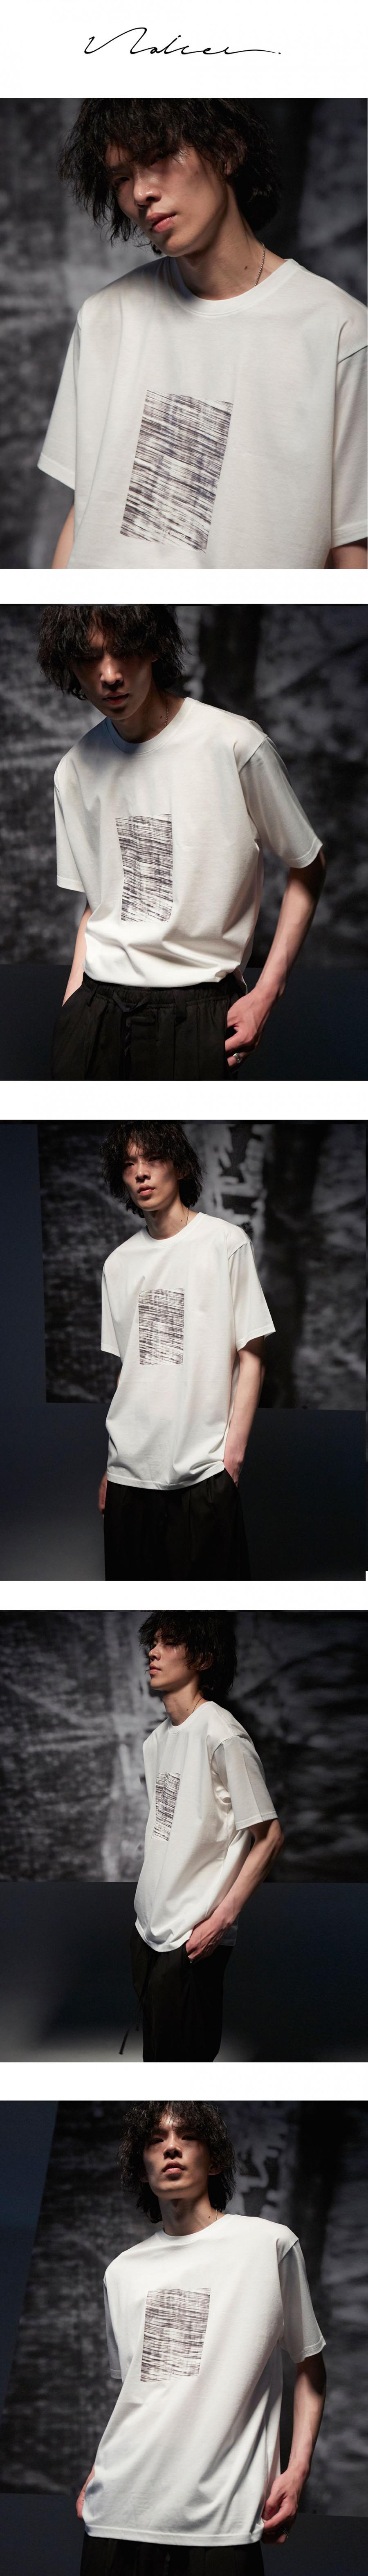 노이어(NOIRER) 데이드림 티셔츠 화이트